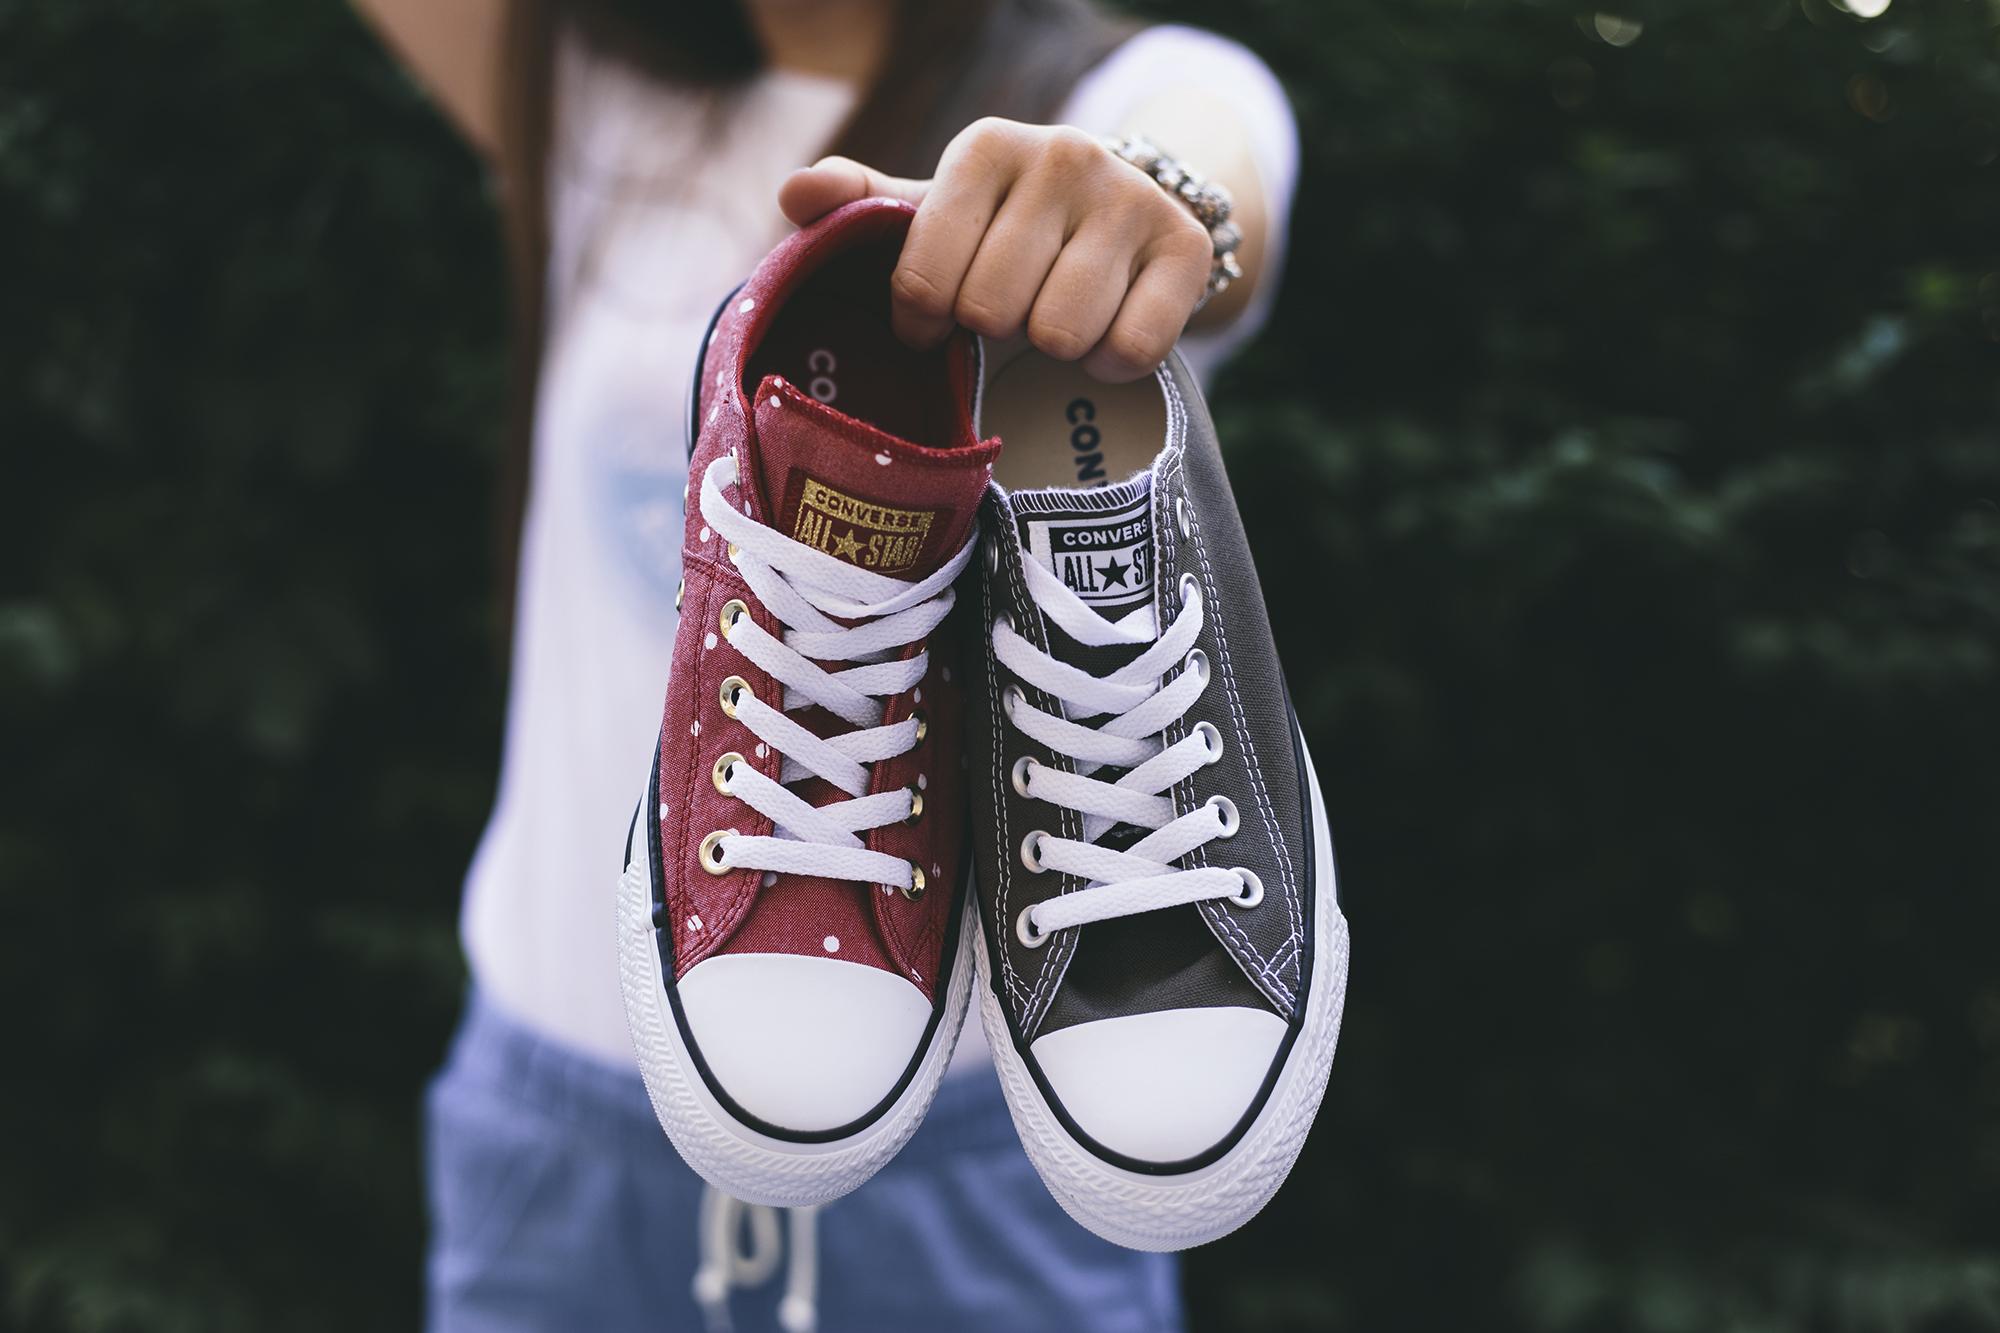 Dámske tenisky Converse sú v rôznych farebných prevedeniach a vzoroch.  Pánske tenisky Converse sú vďaka svojmu látkovému prevedeniu perfektná  voľba na teplé ... 9edb7d11092